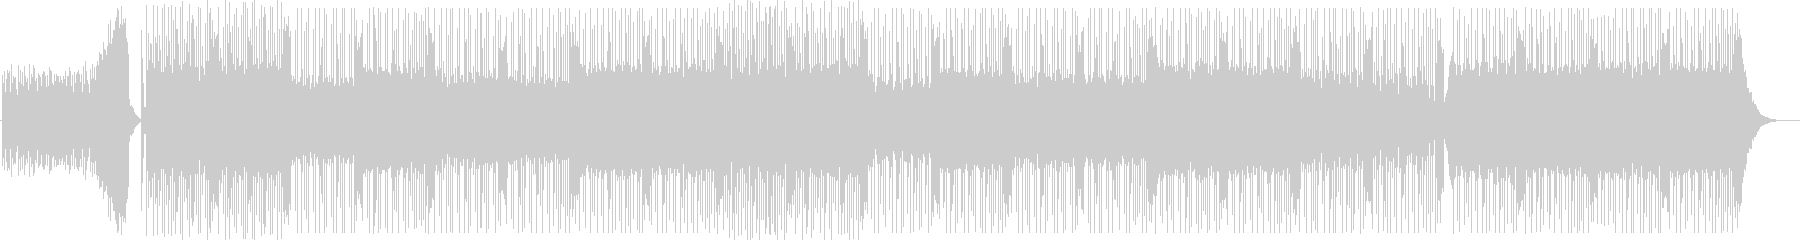 スチームパンク/ヒップホップ/重低音#1の未再生の波形